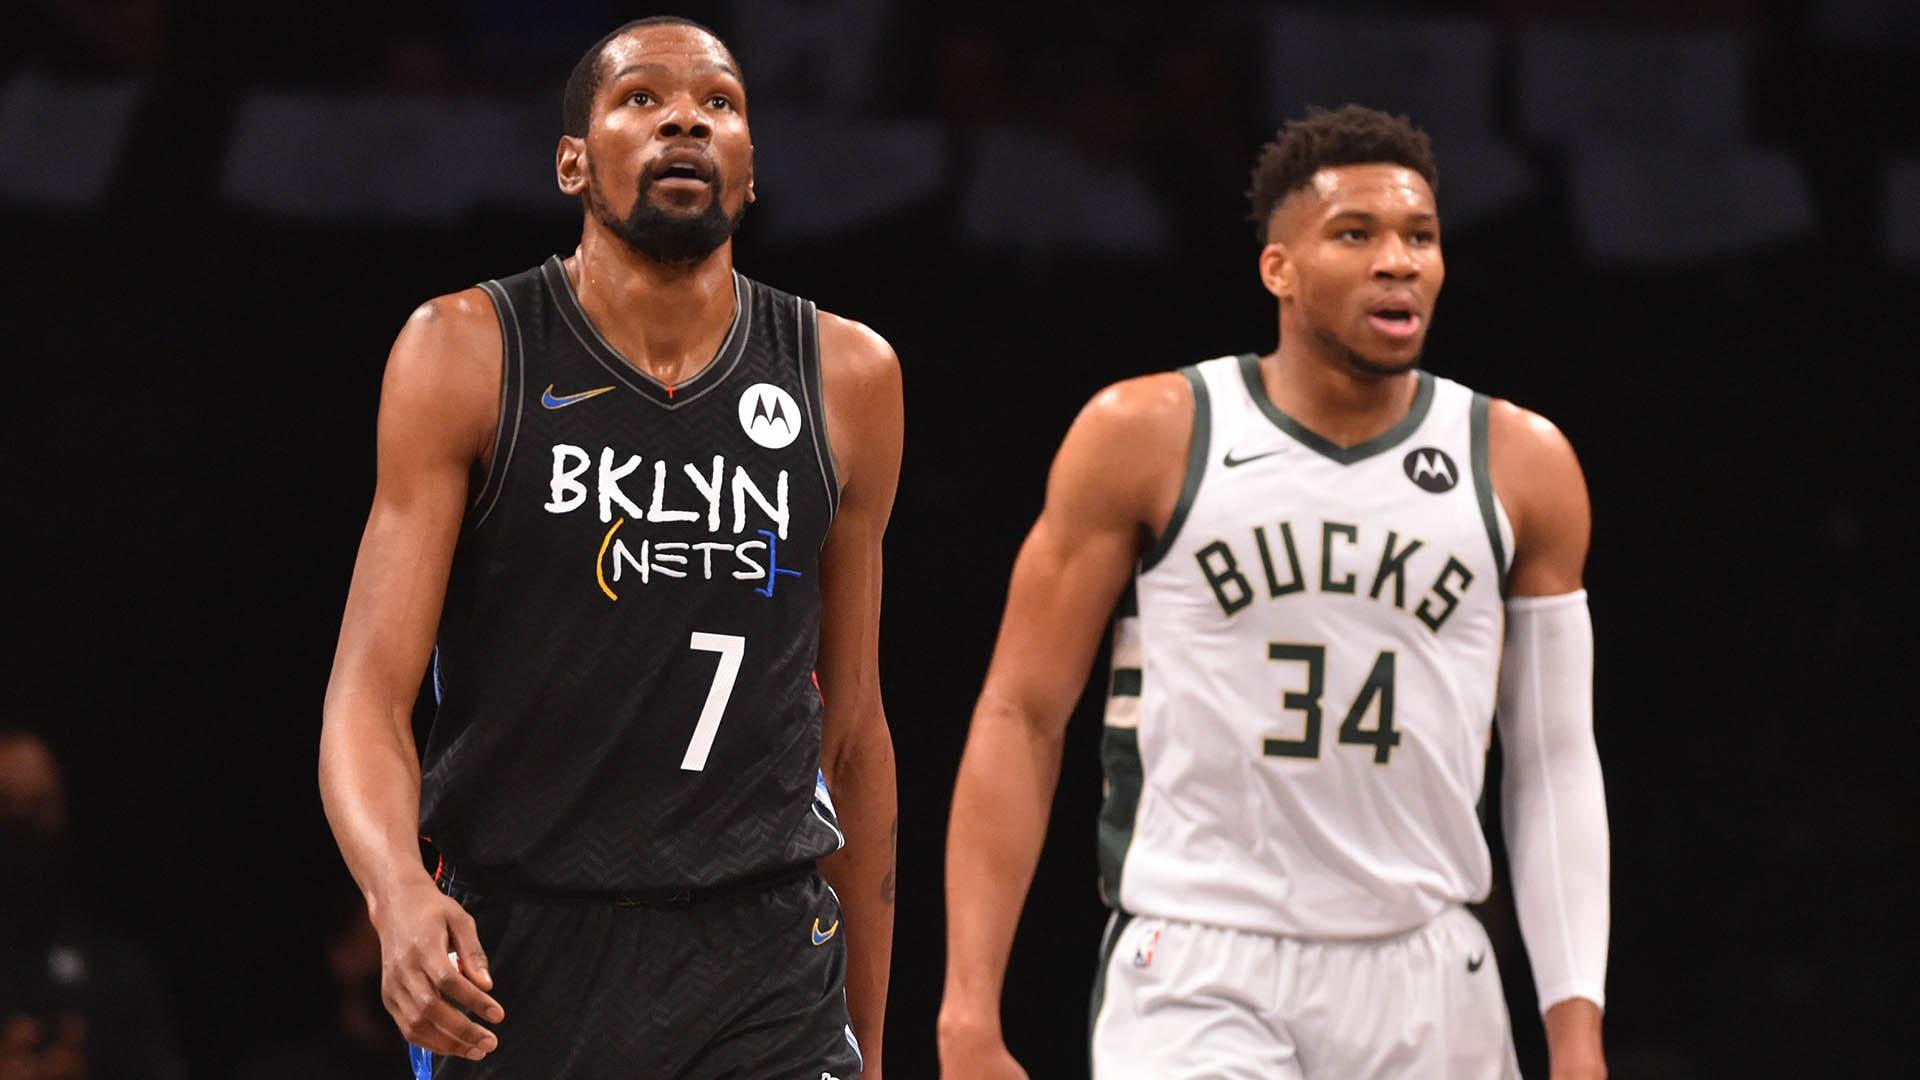 Kia NBA Tip-Off 2021: Breaking down Opening Week schedule